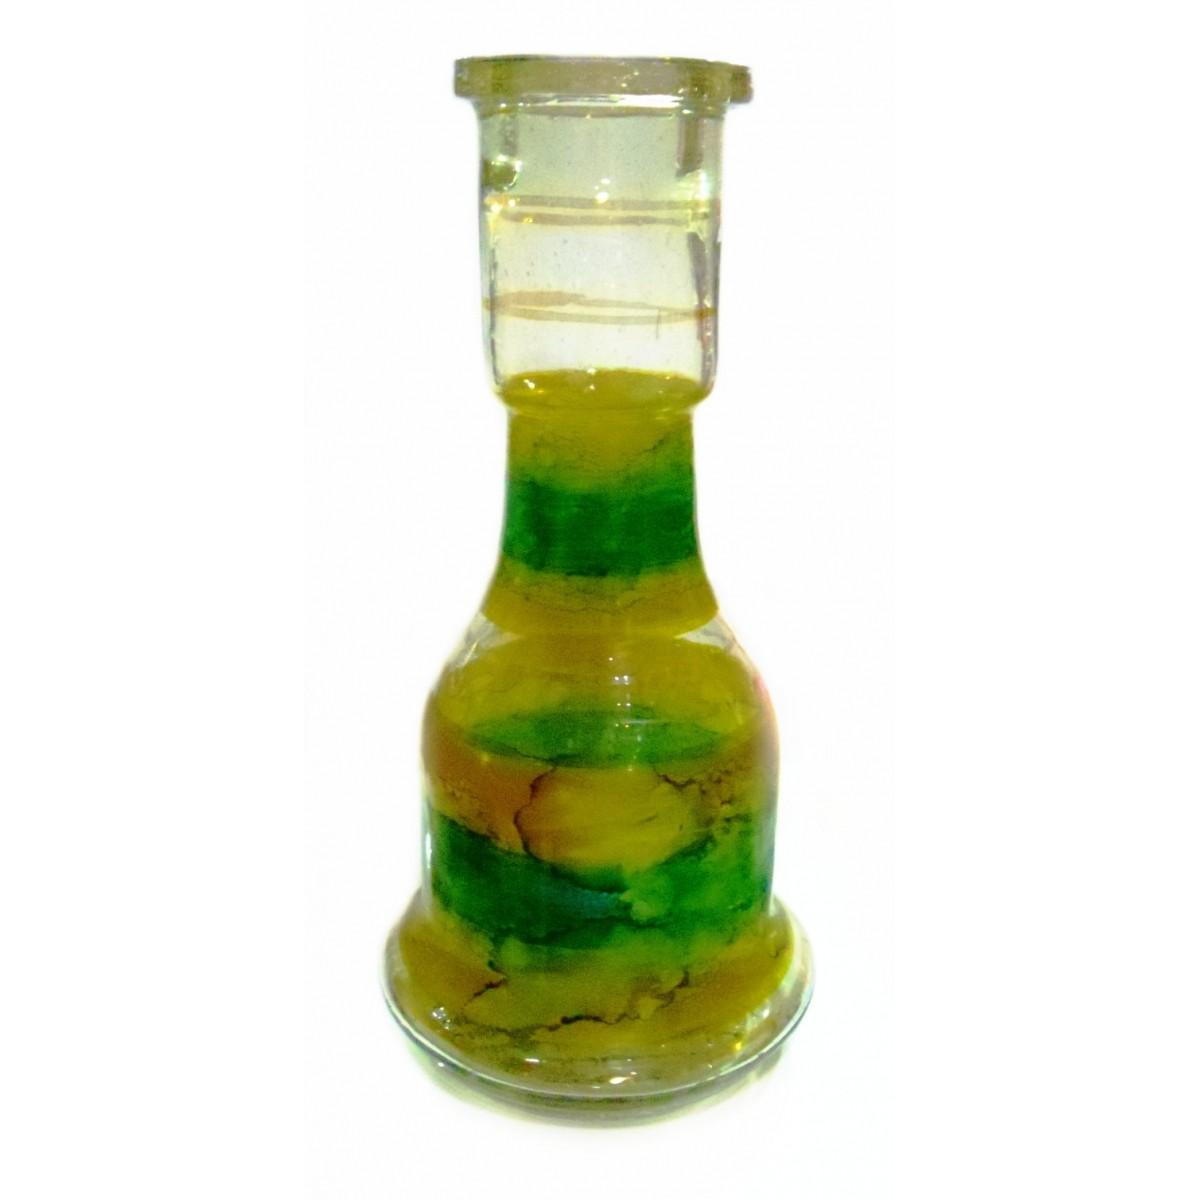 Vaso/Base para narguile em vidro, formato Sino, 30 cm de altura (4,5cm diâm. bocal) pintura manchada em DOURADO e VERDE.